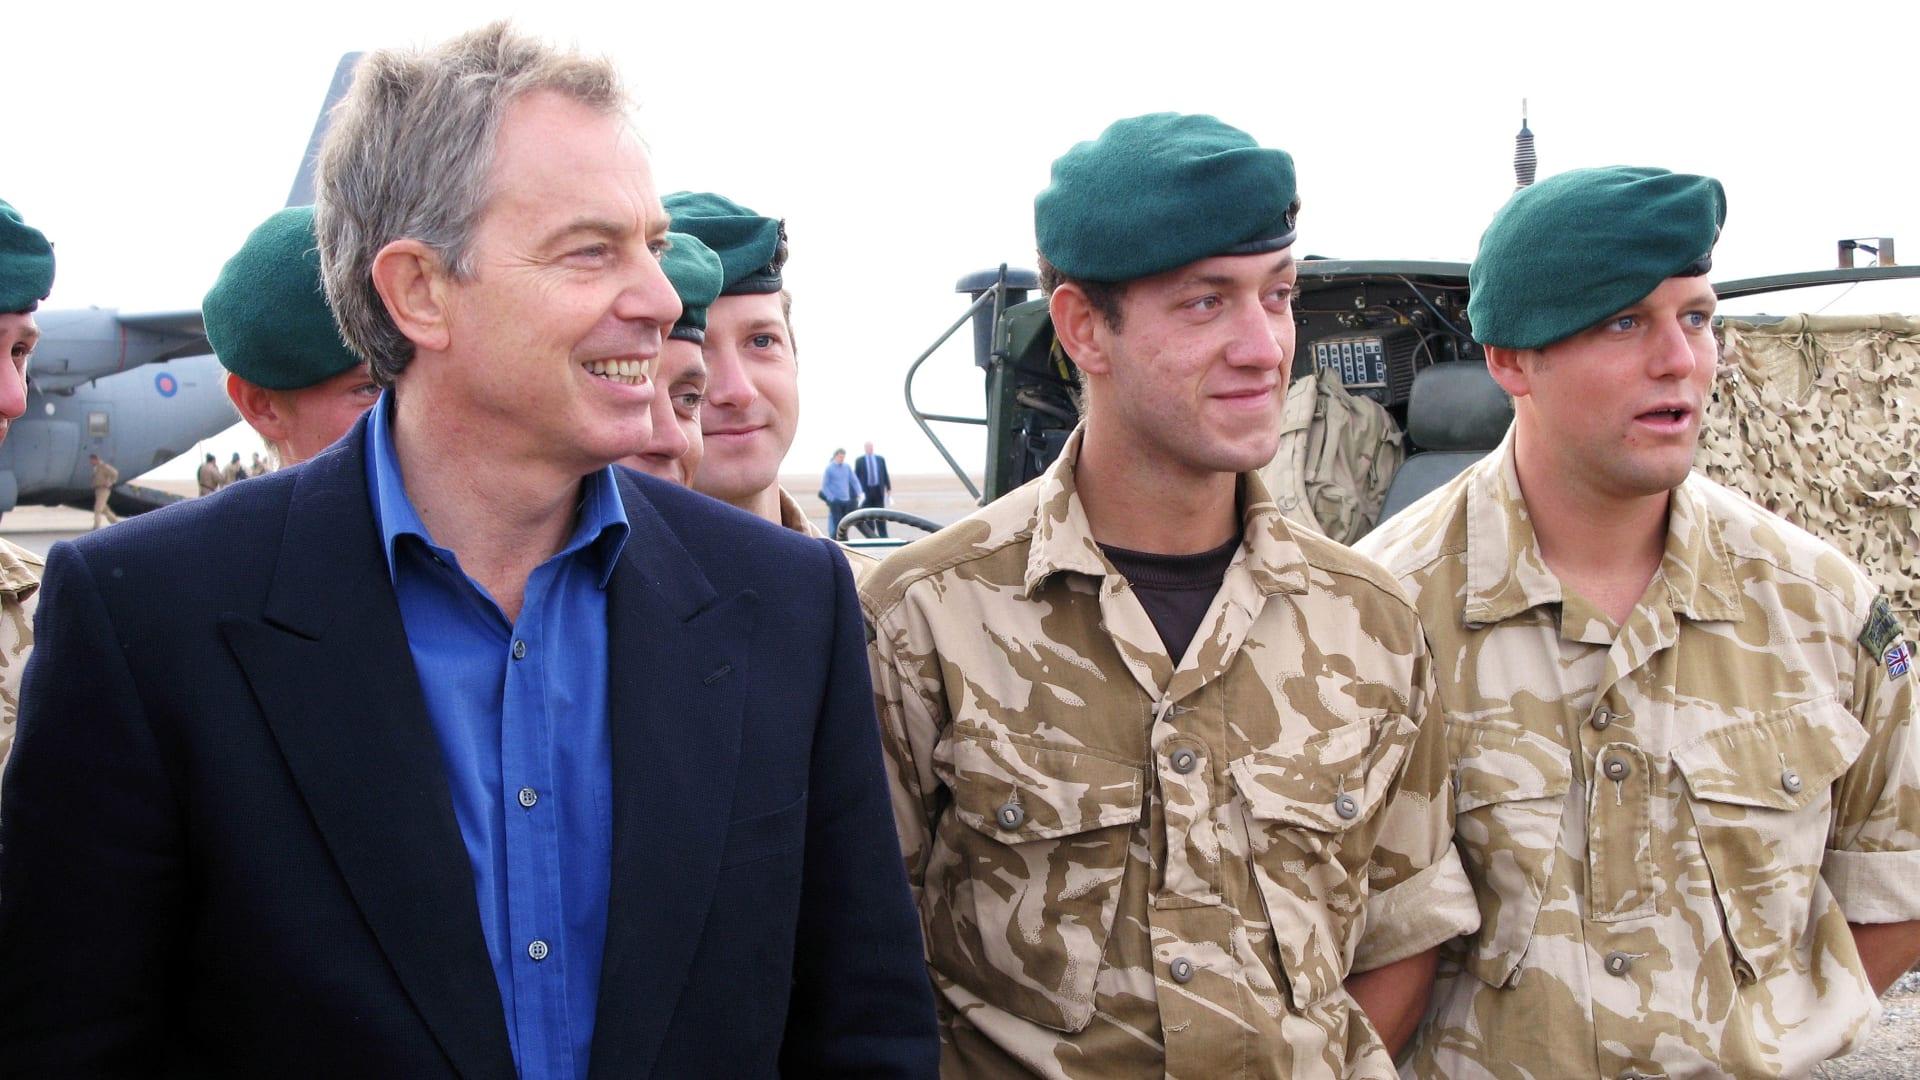 صورة أرشيفية لتوني بلير خلال زيارة القوا البريطانية في أفغانستان